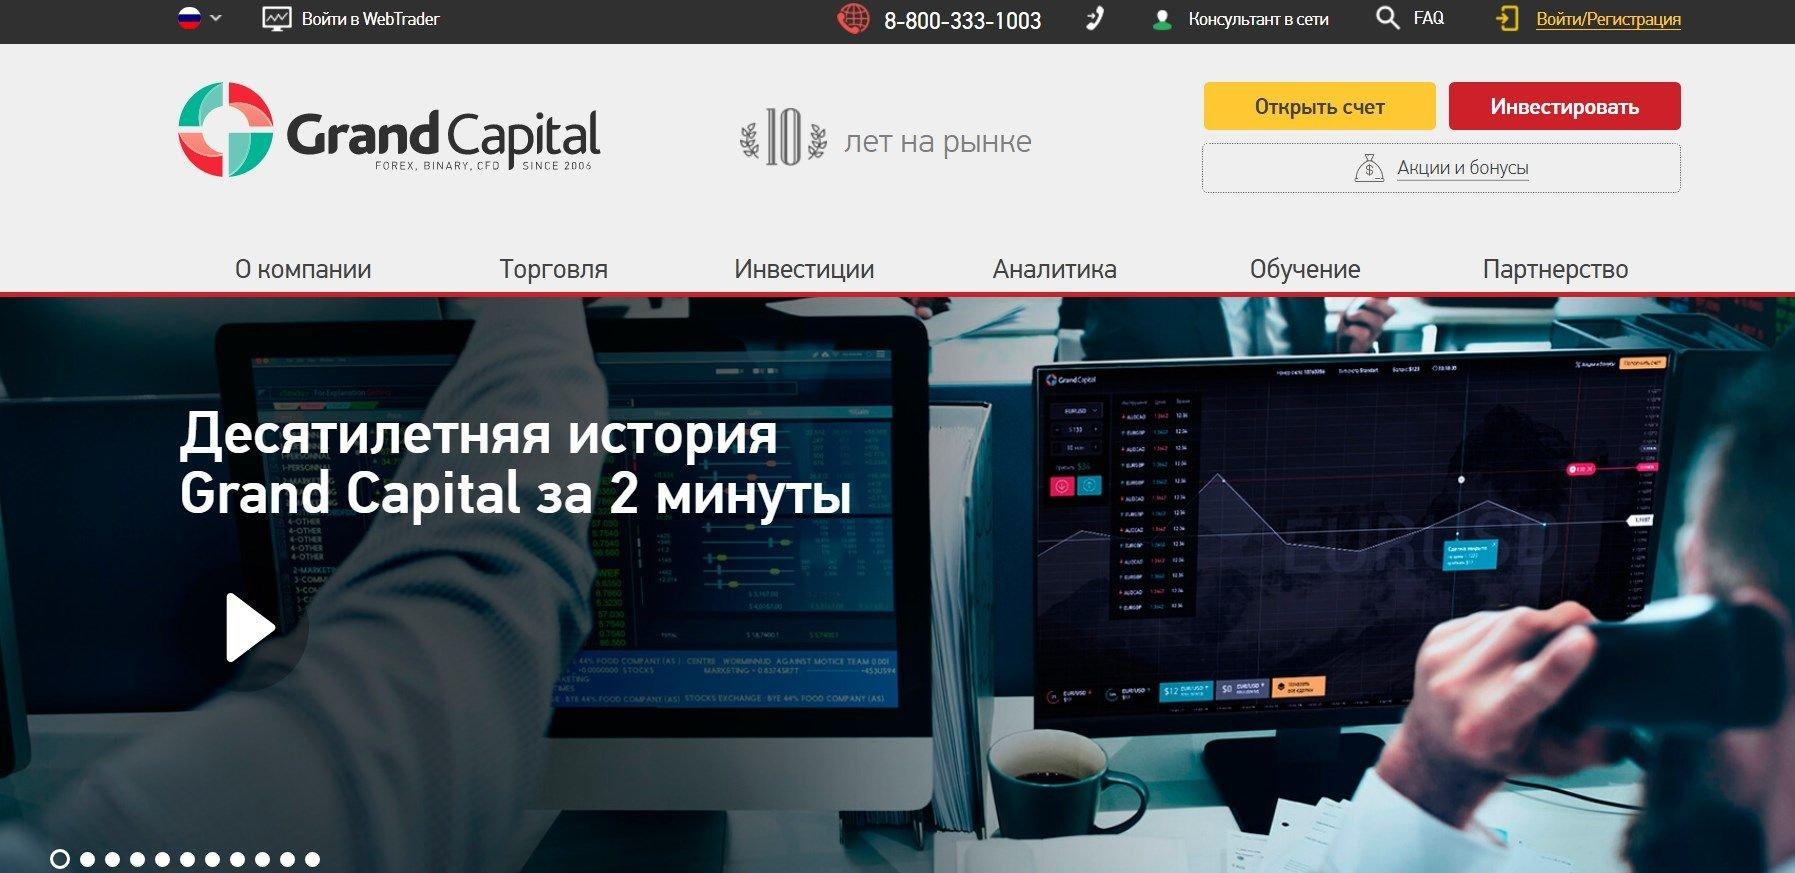 Торговля опционами проходит на официальном сайте Гранд Капитал